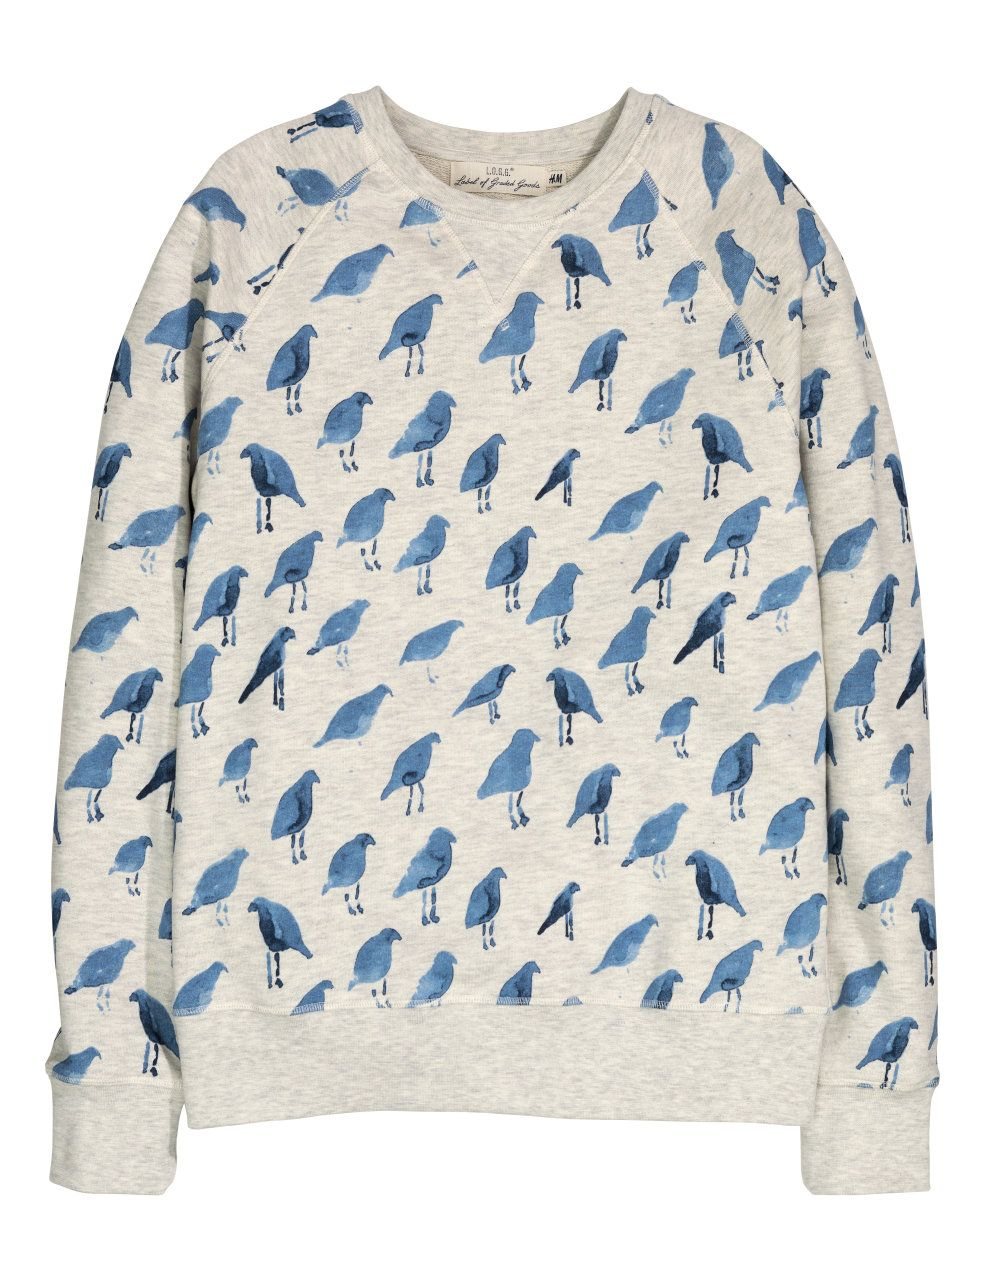 Check this out! Trøje i sweatshirtkvalitet med trykt mønster. Den har lange raglanærmer og ribkant nederst på ærmerne og forneden. – Gå ind på hm.com for at se mere.